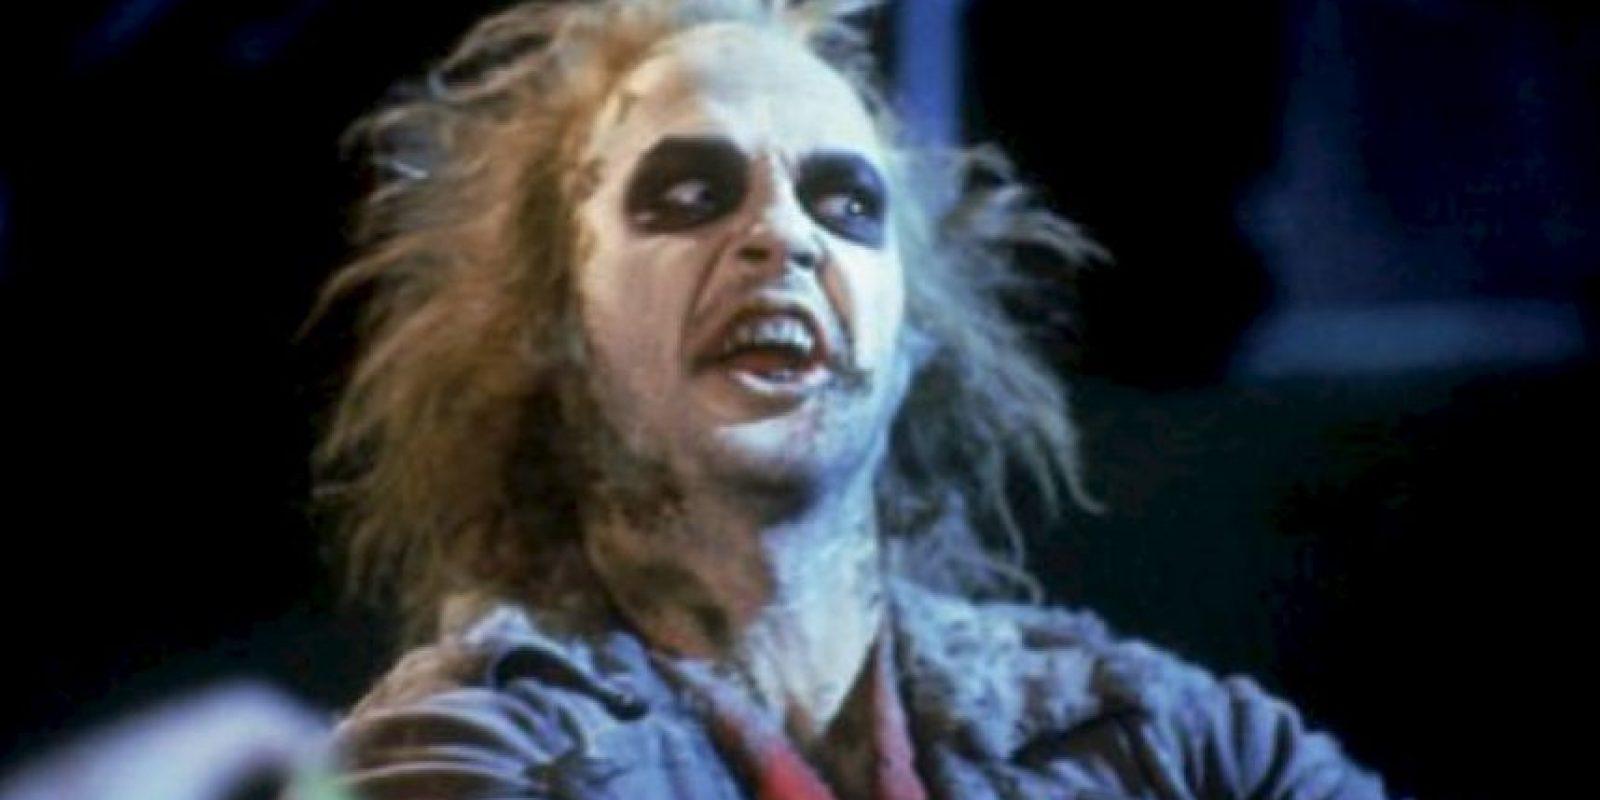 """Le dio vida a """"Beetlejuice"""", un """"exorcista de los vivos"""", ayuda a que los fantasmas alejen a los vivos de sus hogares. Foto:IMDB"""